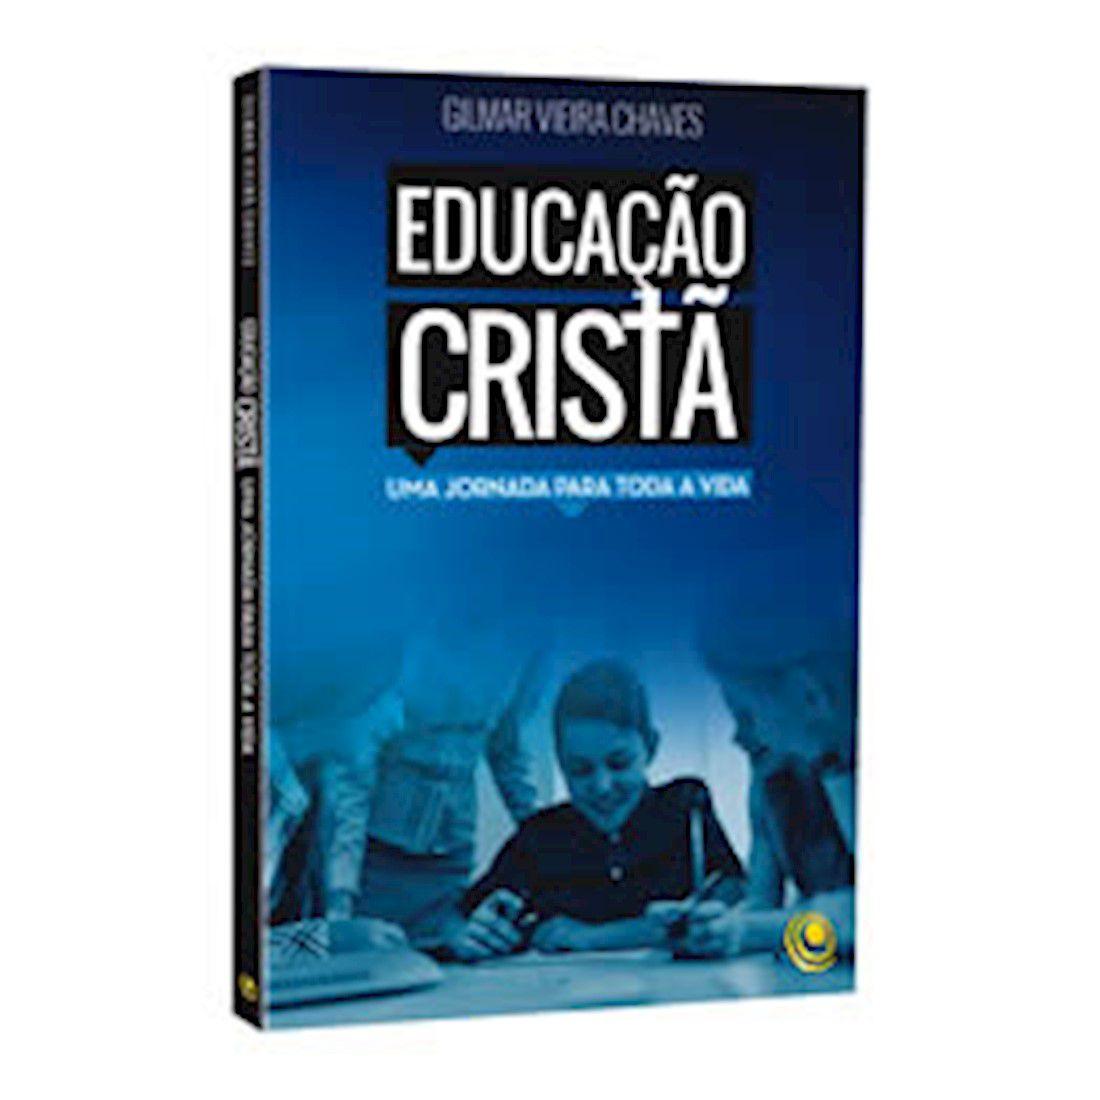 Livro  Educação Cristã - Uma Jornada Para Toda Vida